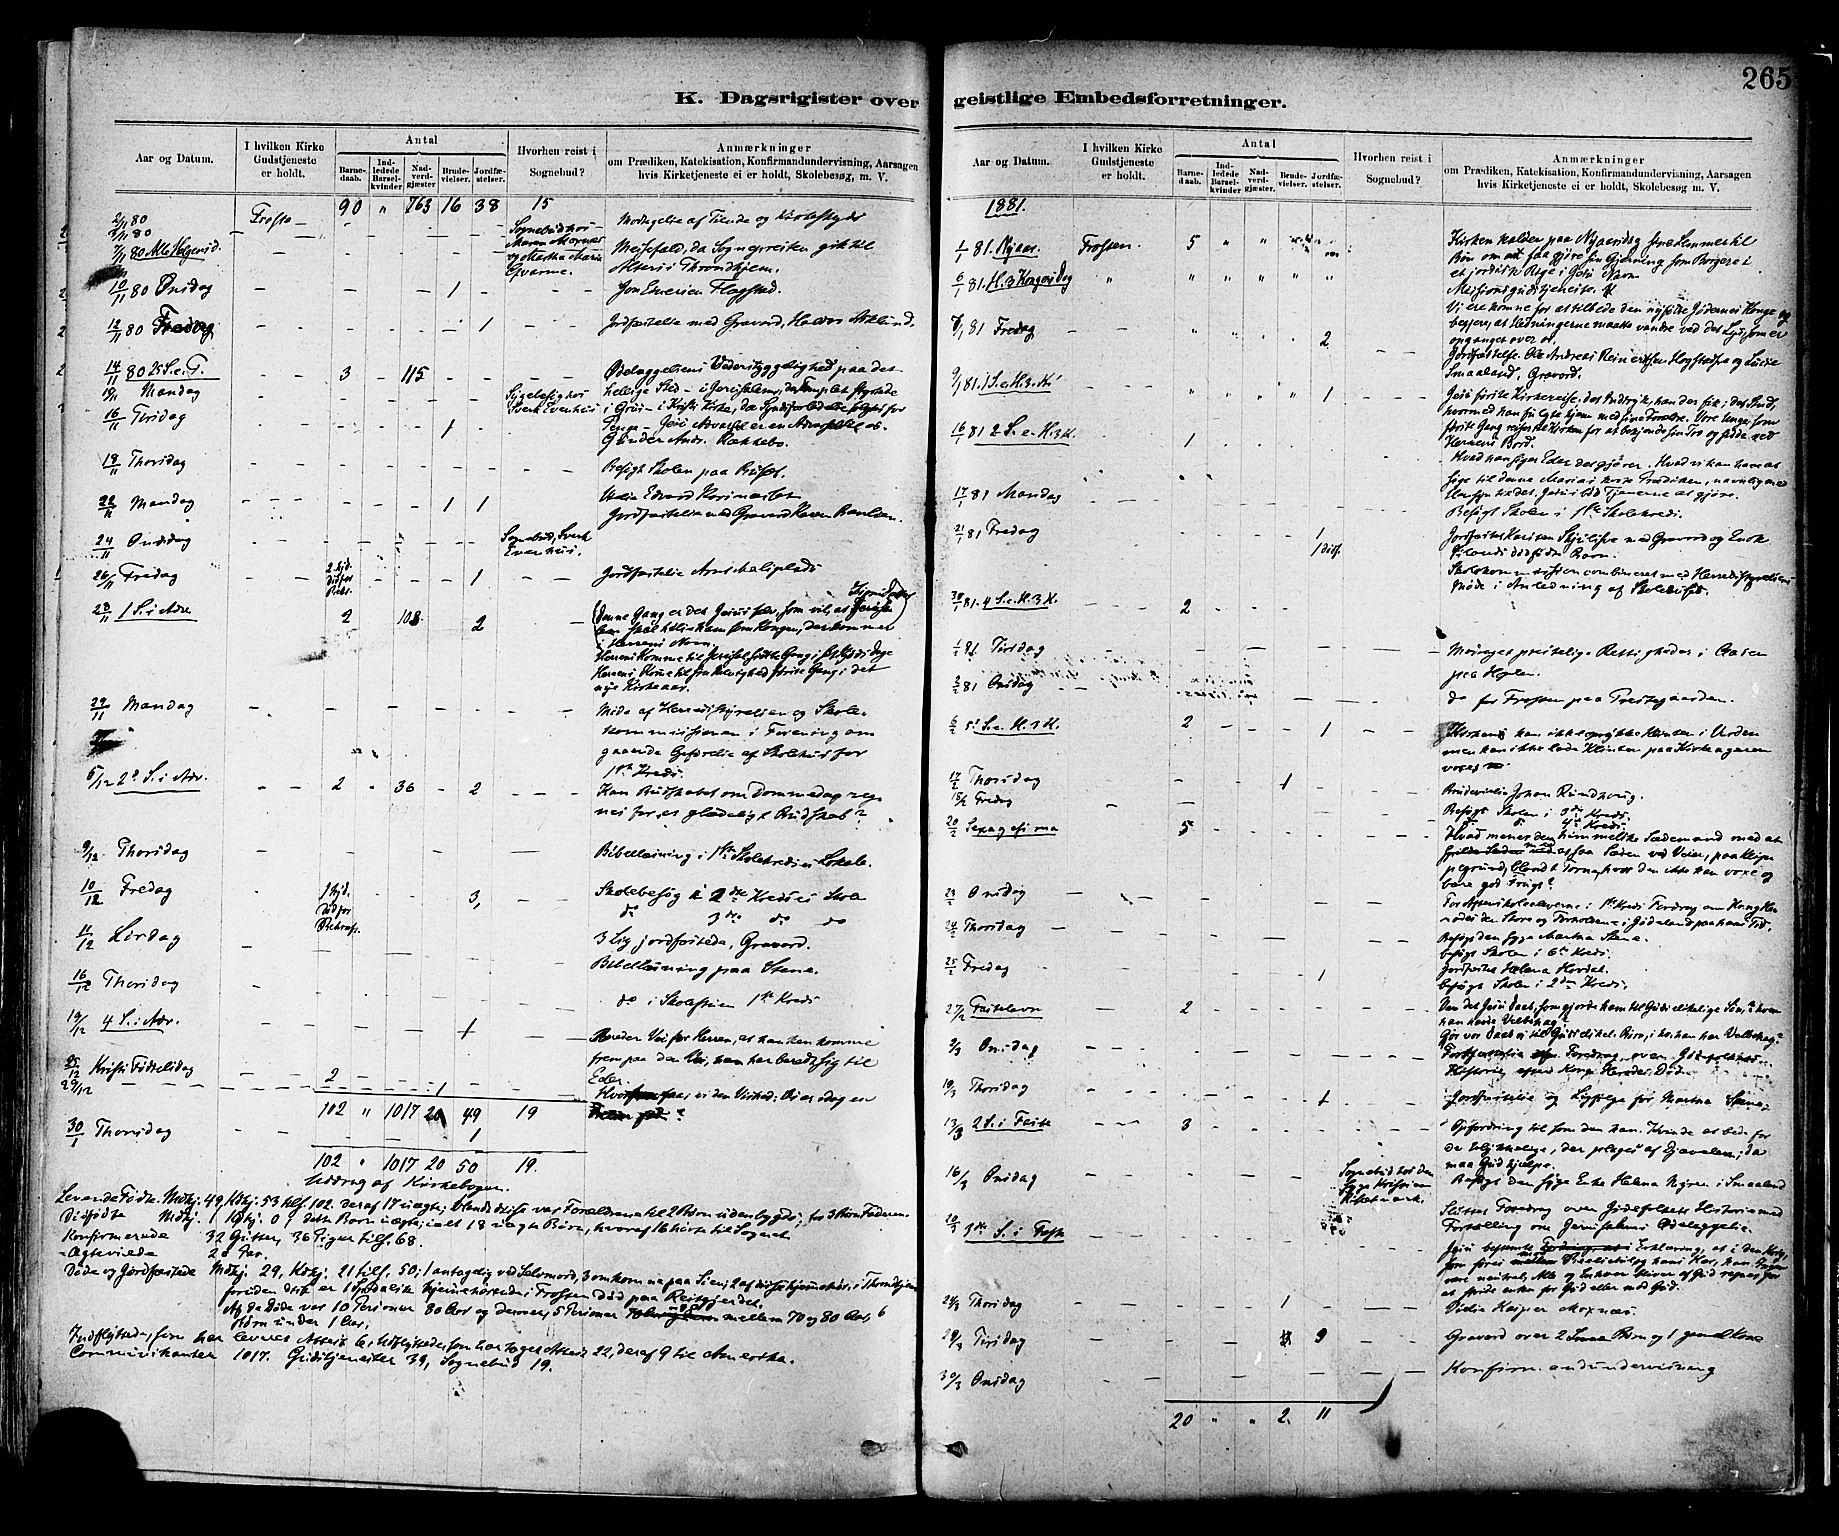 SAT, Ministerialprotokoller, klokkerbøker og fødselsregistre - Nord-Trøndelag, 713/L0120: Ministerialbok nr. 713A09, 1878-1887, s. 265